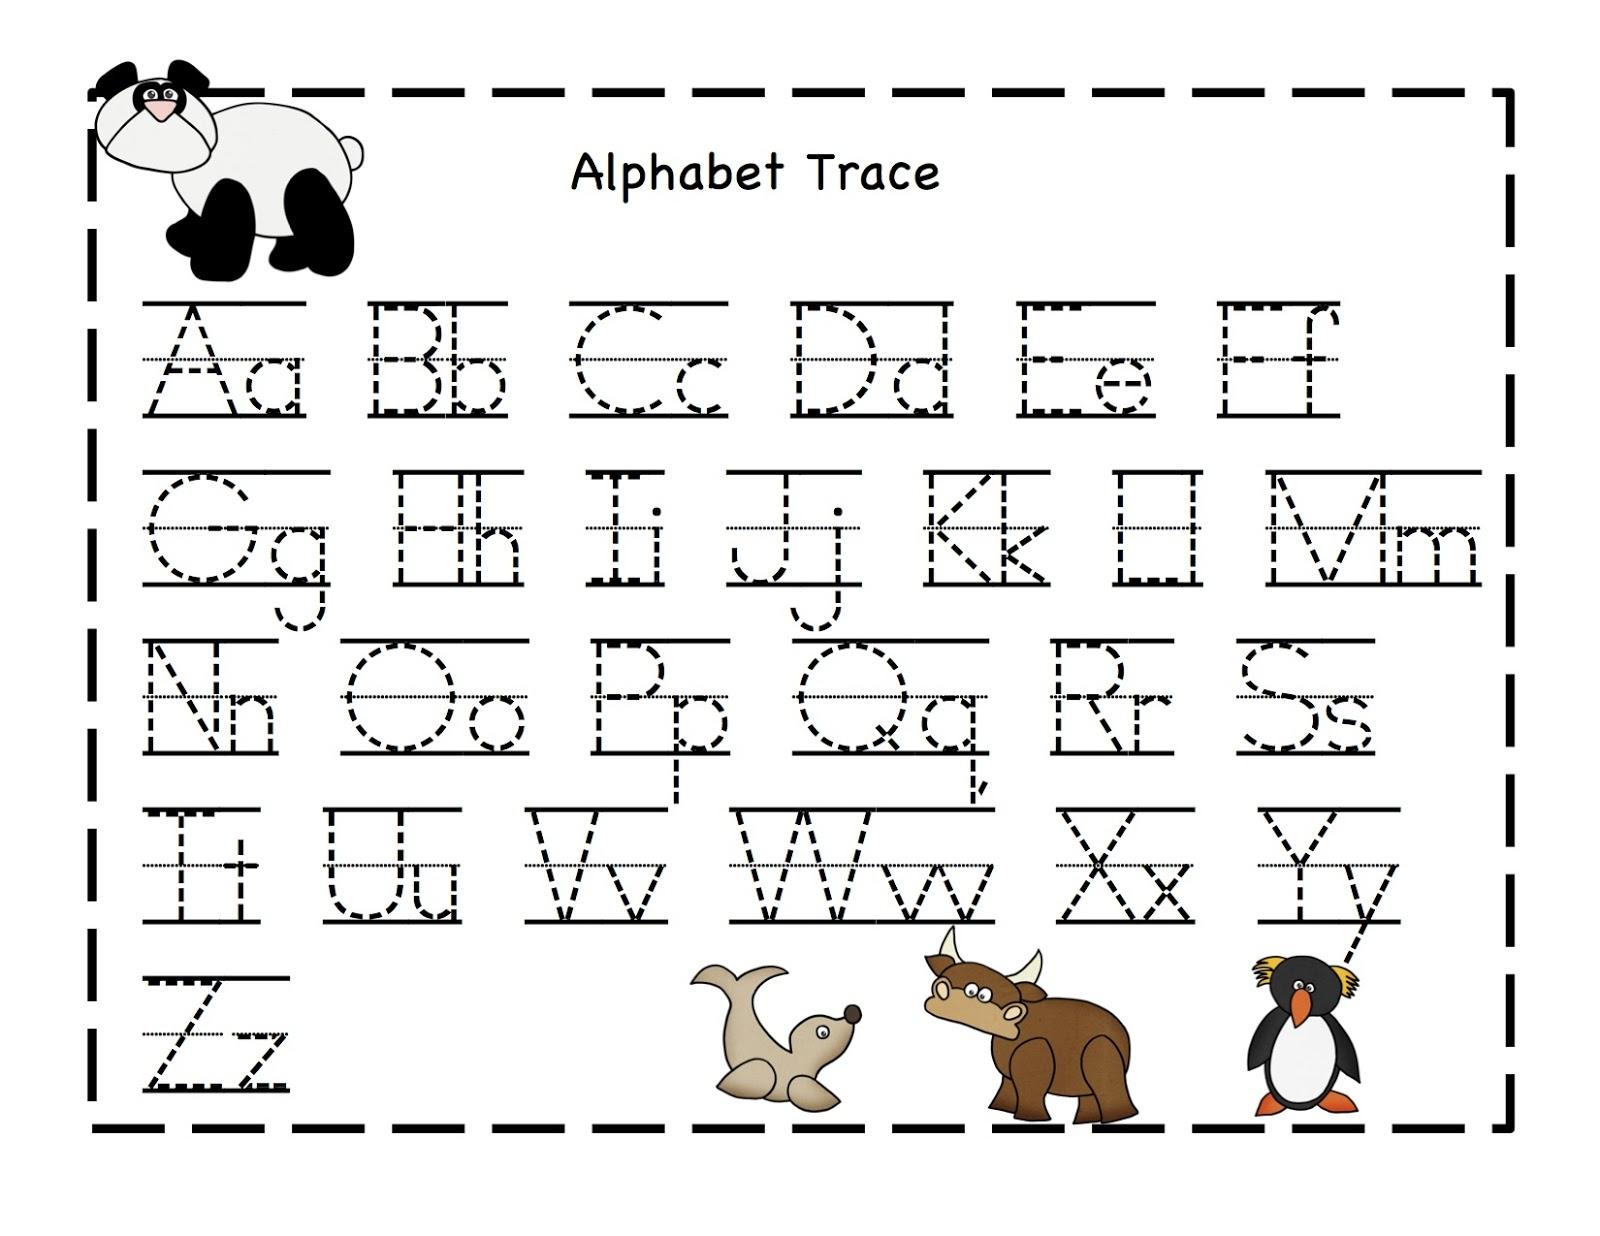 Printable Worksheets For Kindergarten On Alphabet Homework intended for Alphabet Homework Worksheets